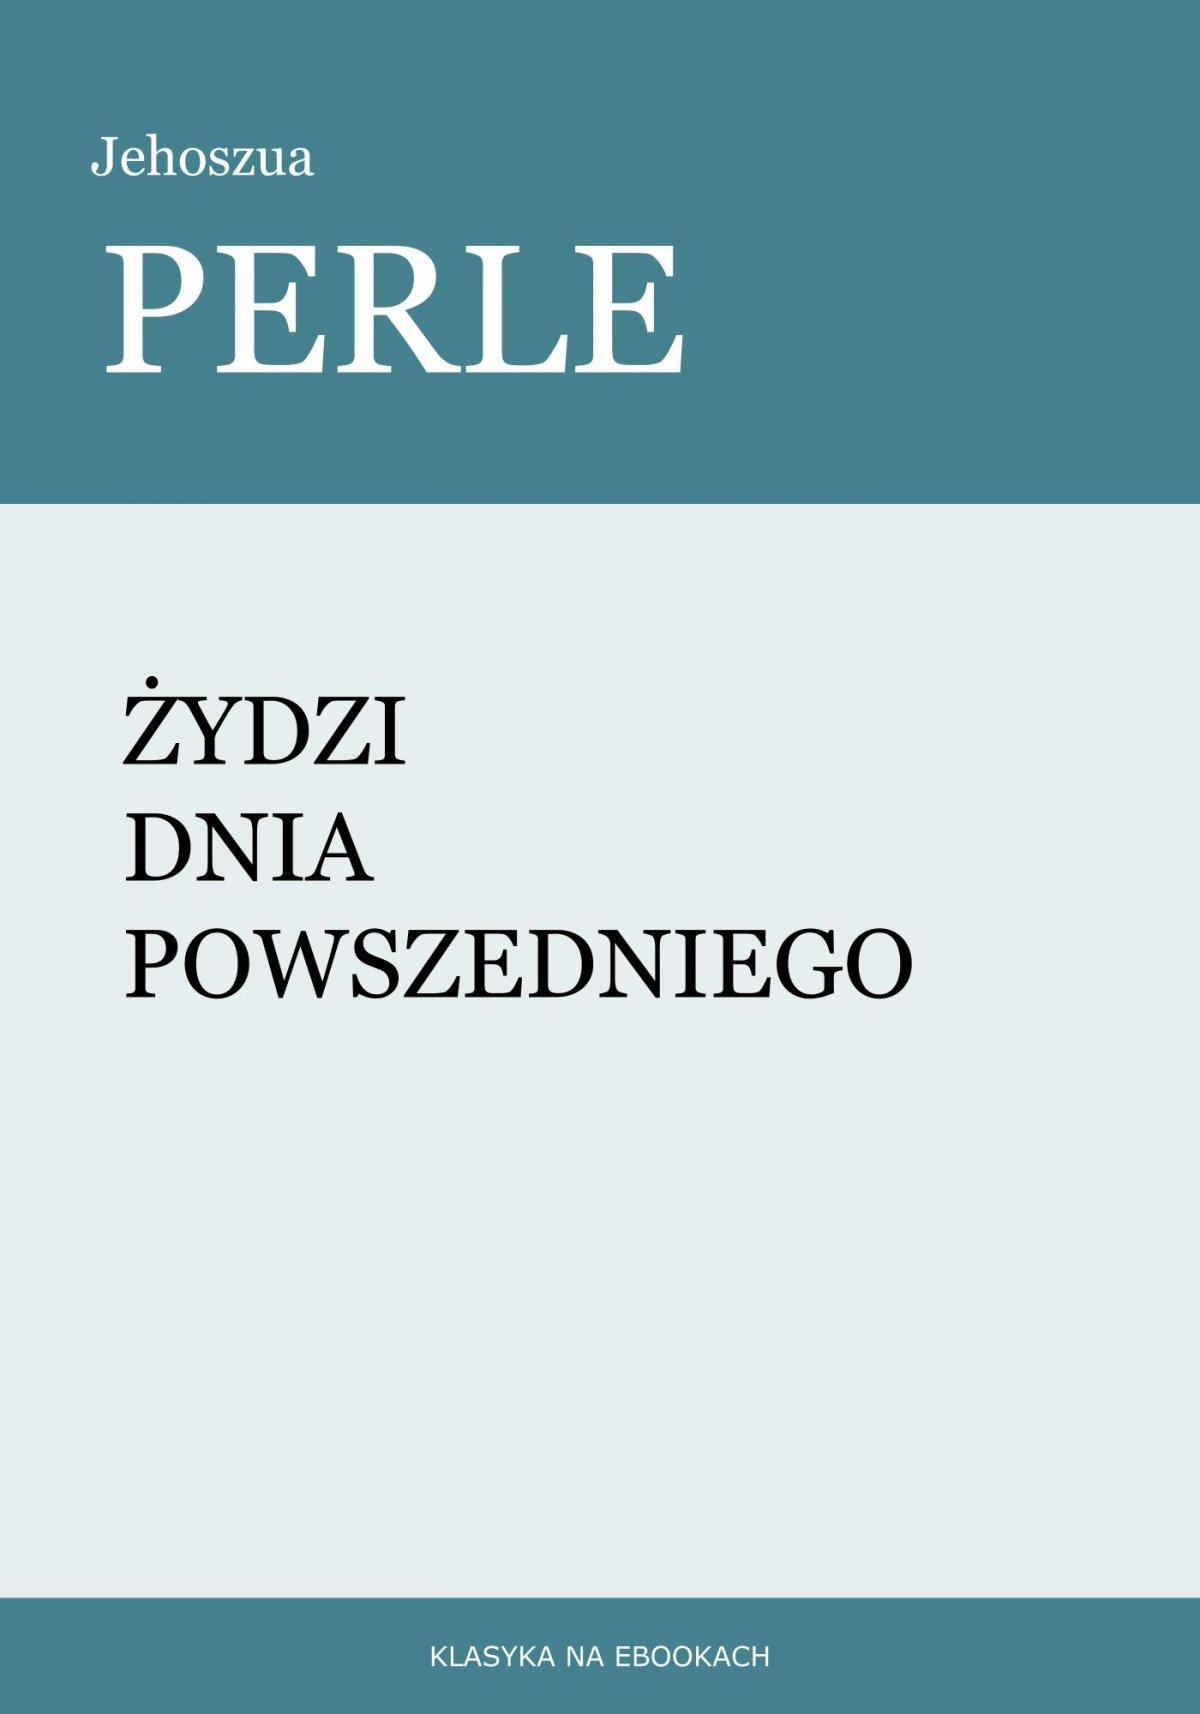 Żydzi dnia powszedniego - Ebook (Książka na Kindle) do pobrania w formacie MOBI